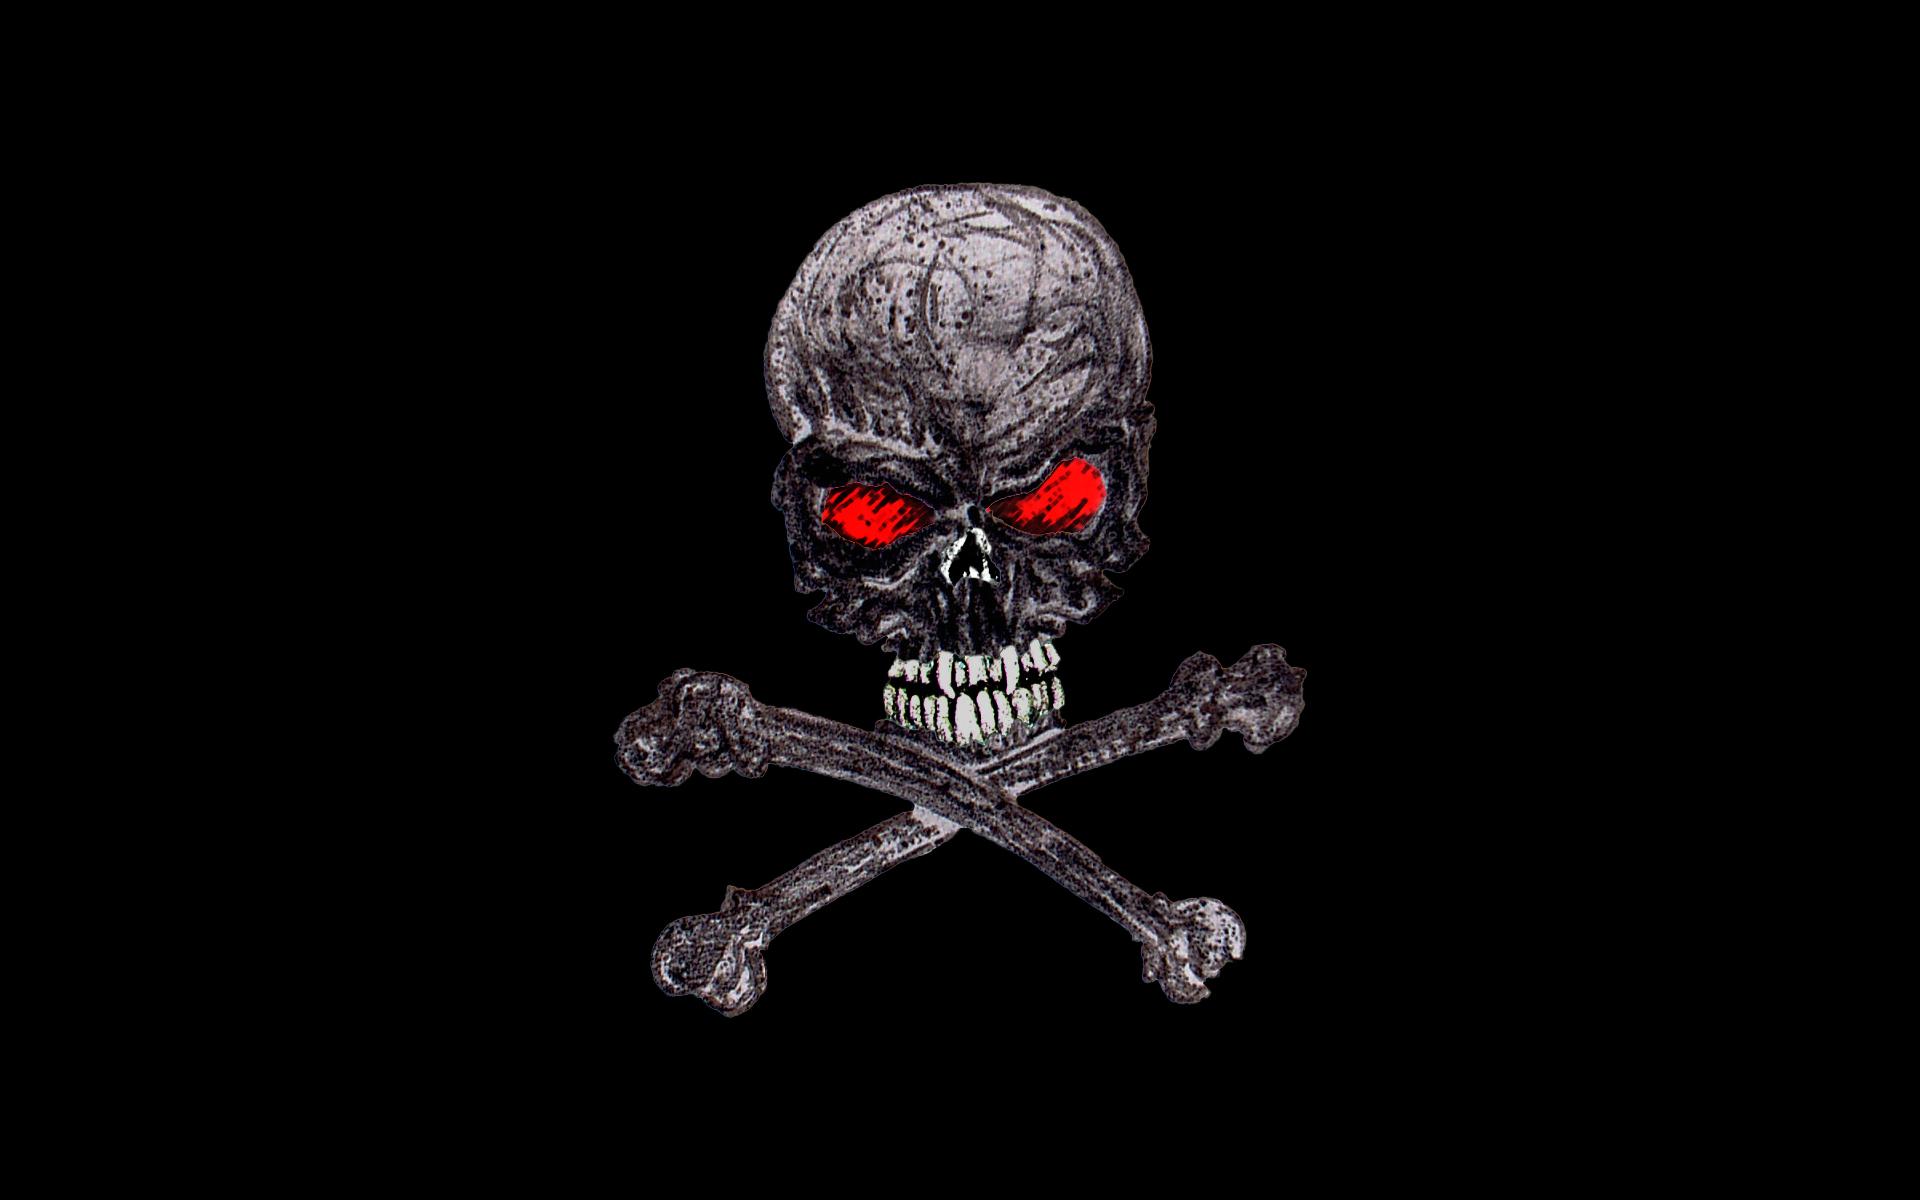 Hd Skull wallpaper   229910 1920x1200